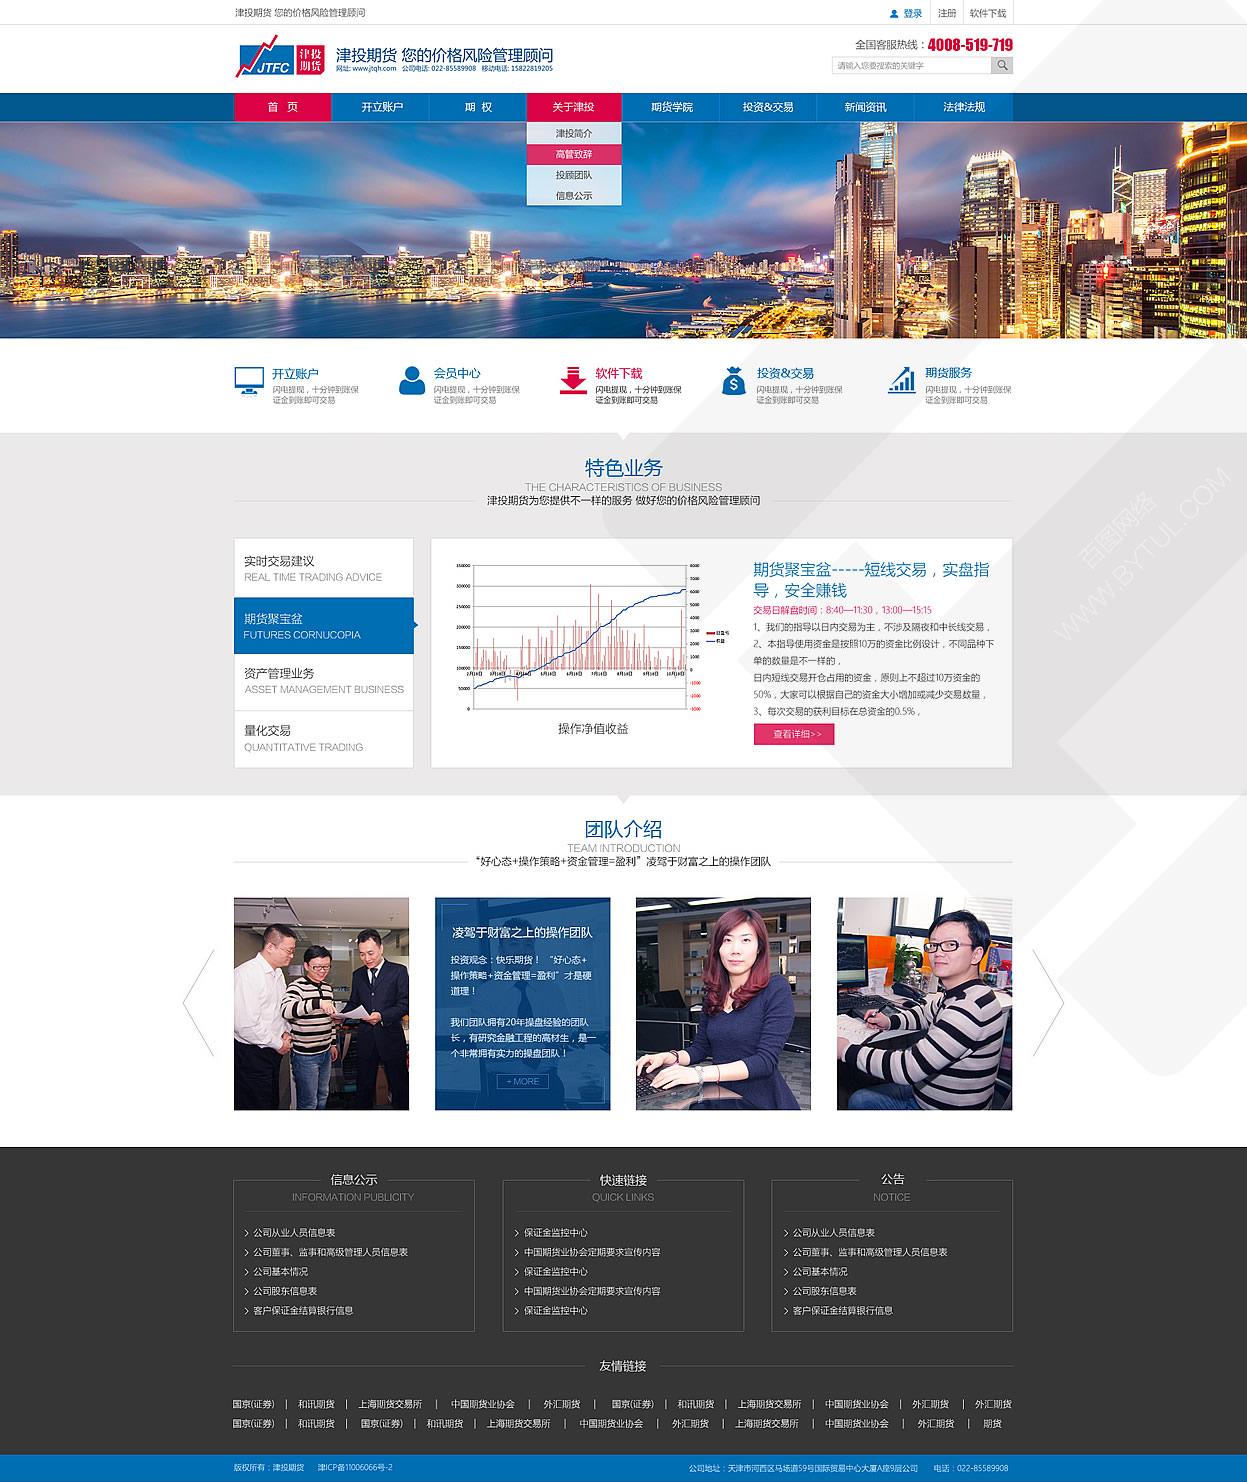 金融企业网站设计效果图